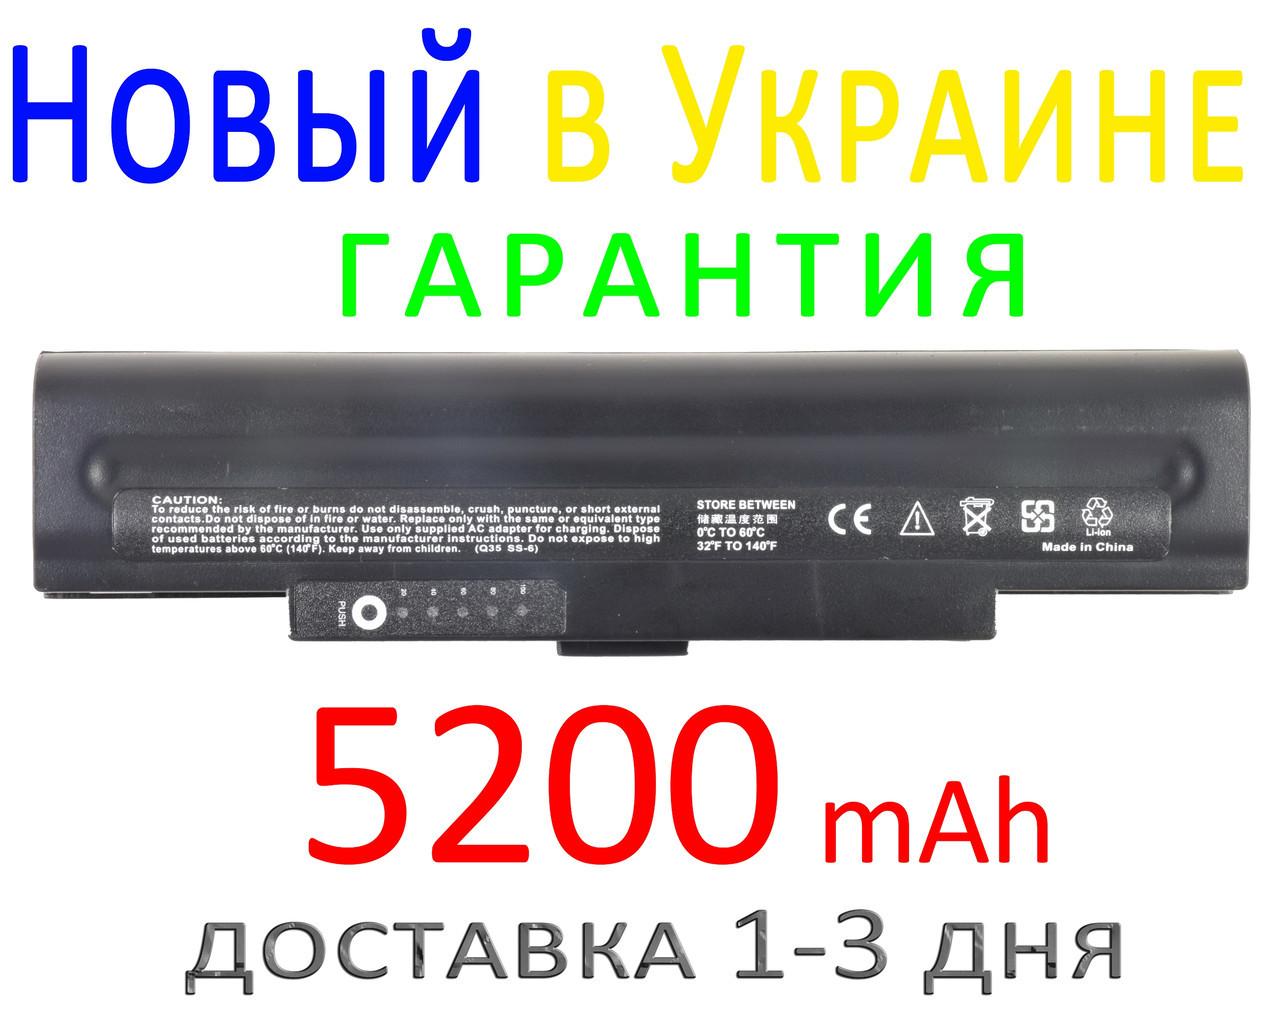 Аккумулятор батарея SAMSUNG AA-PB5NC6B AA-PB5NC6B/E AA-PB5NC6W SSB-Q30LS3 SSB-Q30LS6 AA-PB5NC6B